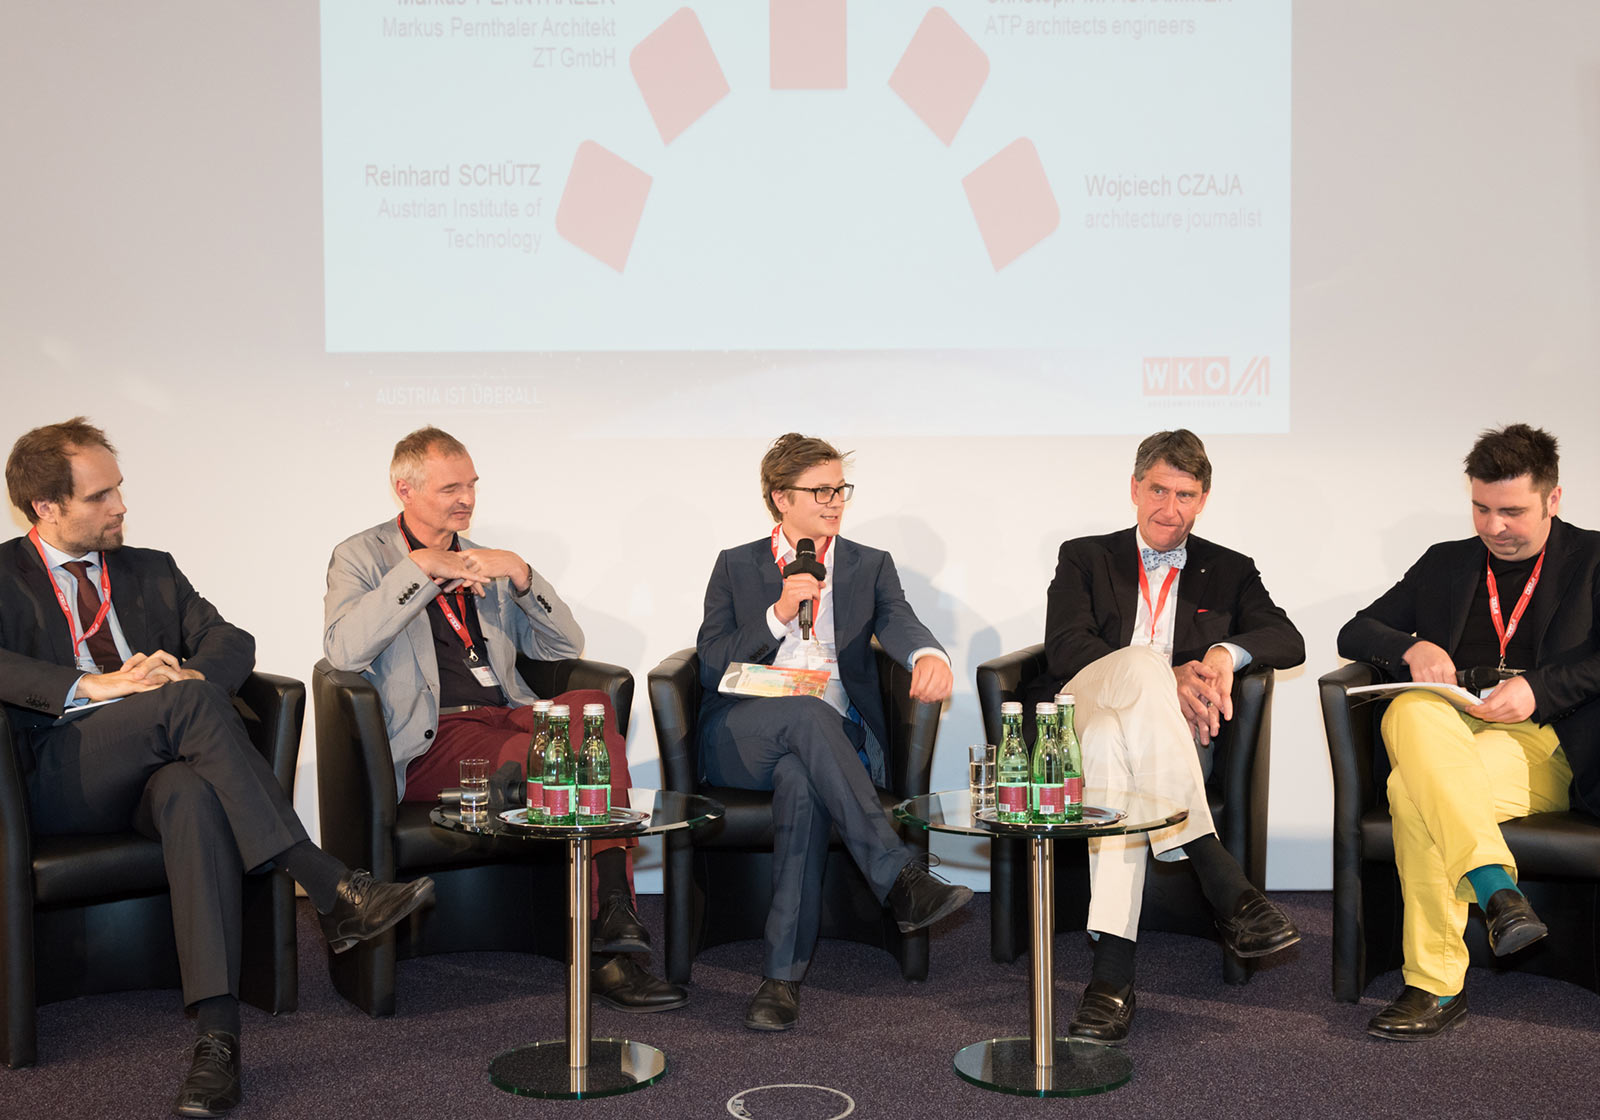 Reinhard Schütz, Markus Pernthaler, Daniel Glaser, Christoph M. Achammer (CEO ATP) und der Moderator Wojciech Czaja (Der Standard) bei der Podiumsdiskussion (v. l. n. r.). Foto: ATP